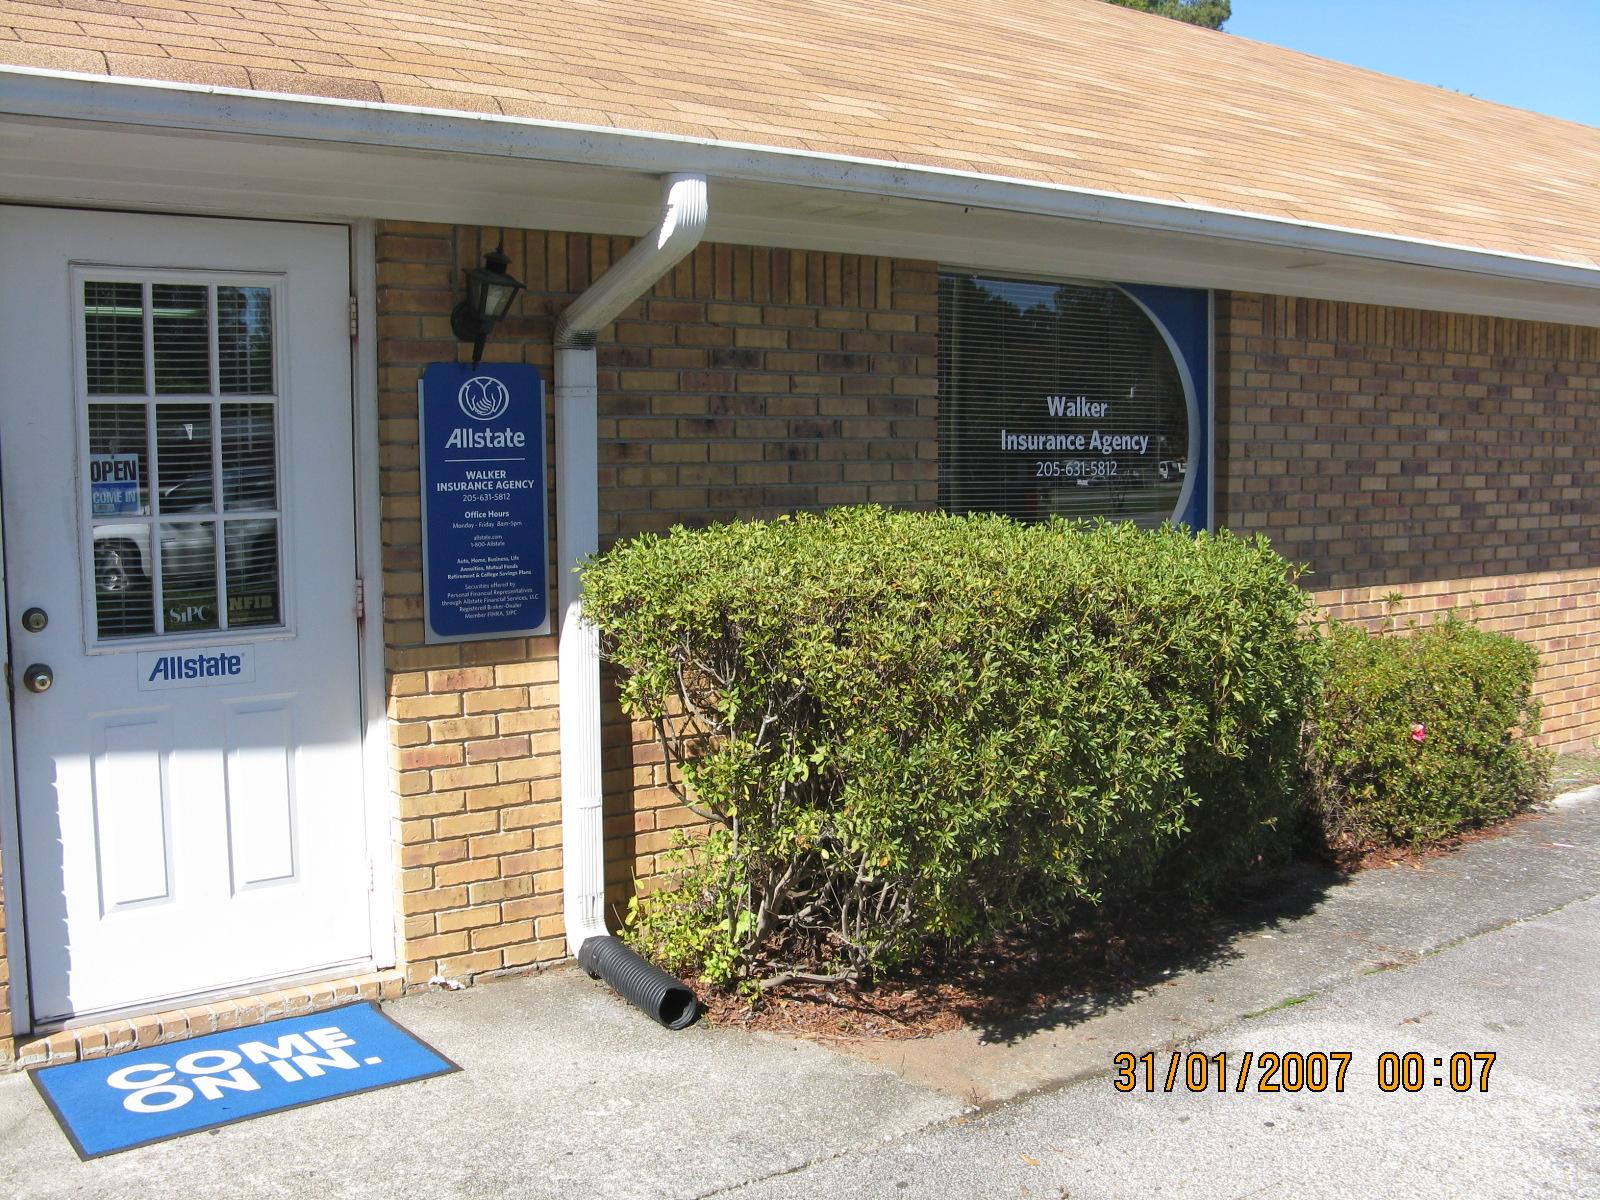 Allstate Insurance Agent: James Walker image 2